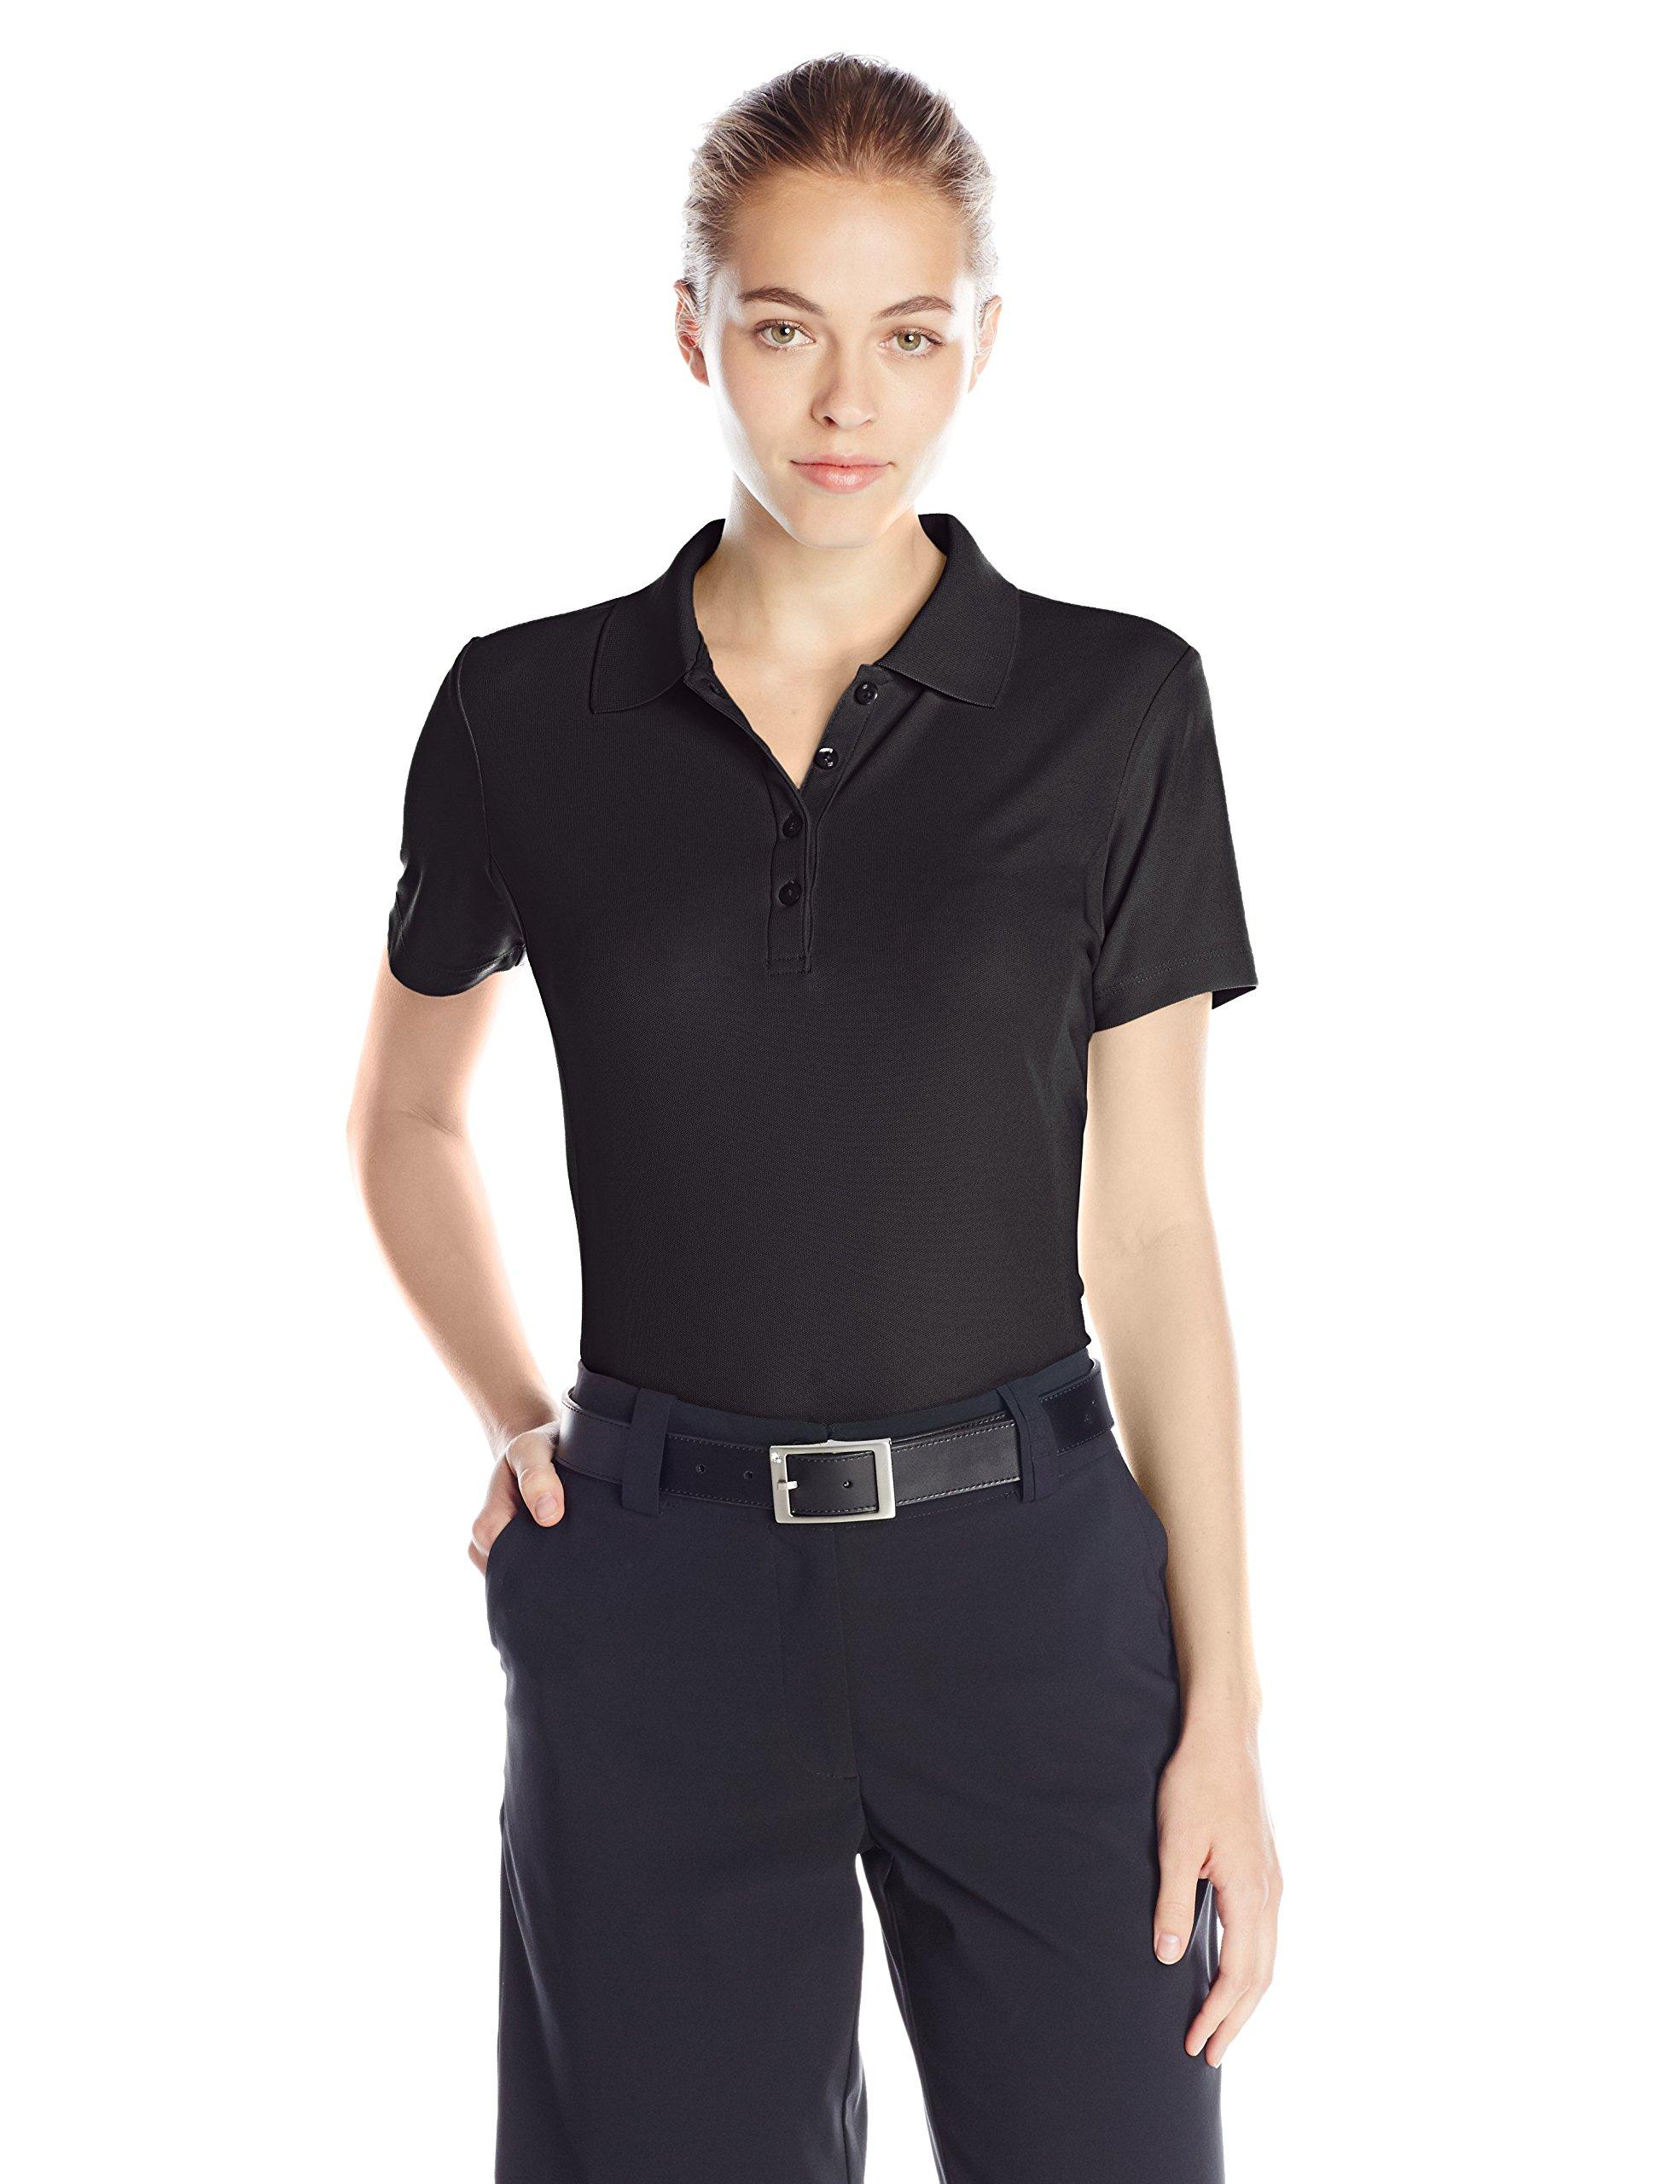 Greg Norman Women's Protek Micro Pique Short Sleeve Polo, Black, X-Small